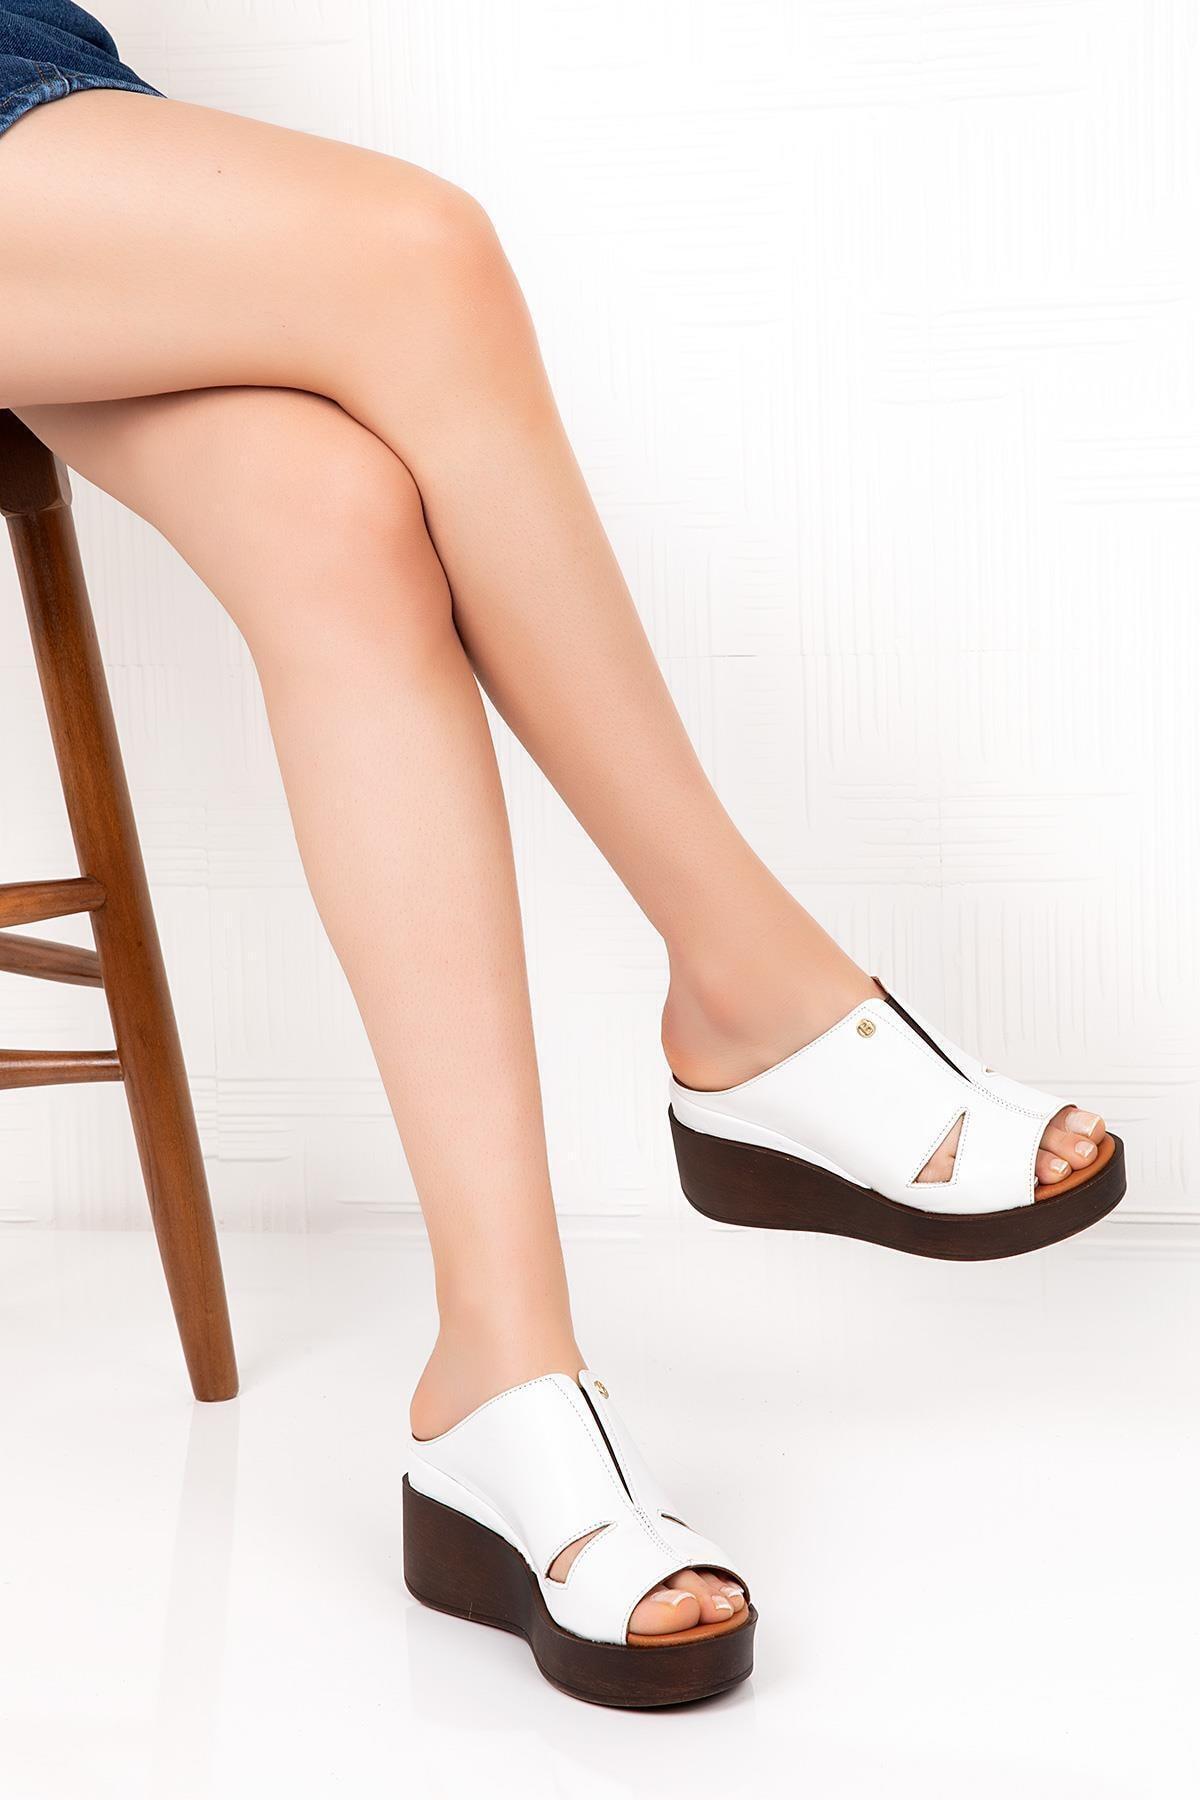 Bellacomfort Shoes Hakiki Deri Kadın Dolgu Topuk Terlik - Beyaz C1407b 1